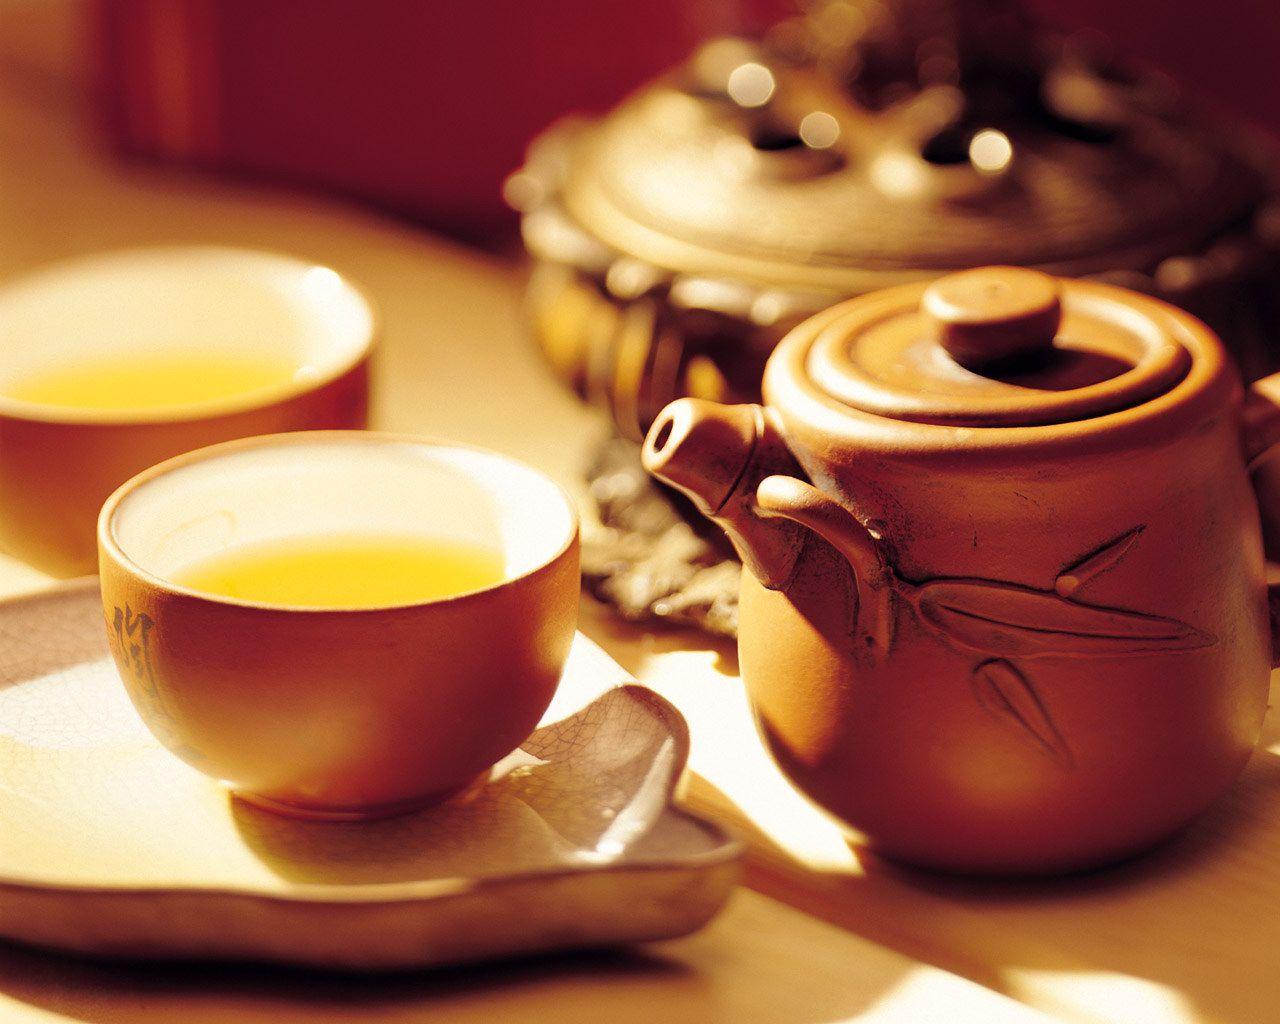 Картинки чай, demotivatoru.